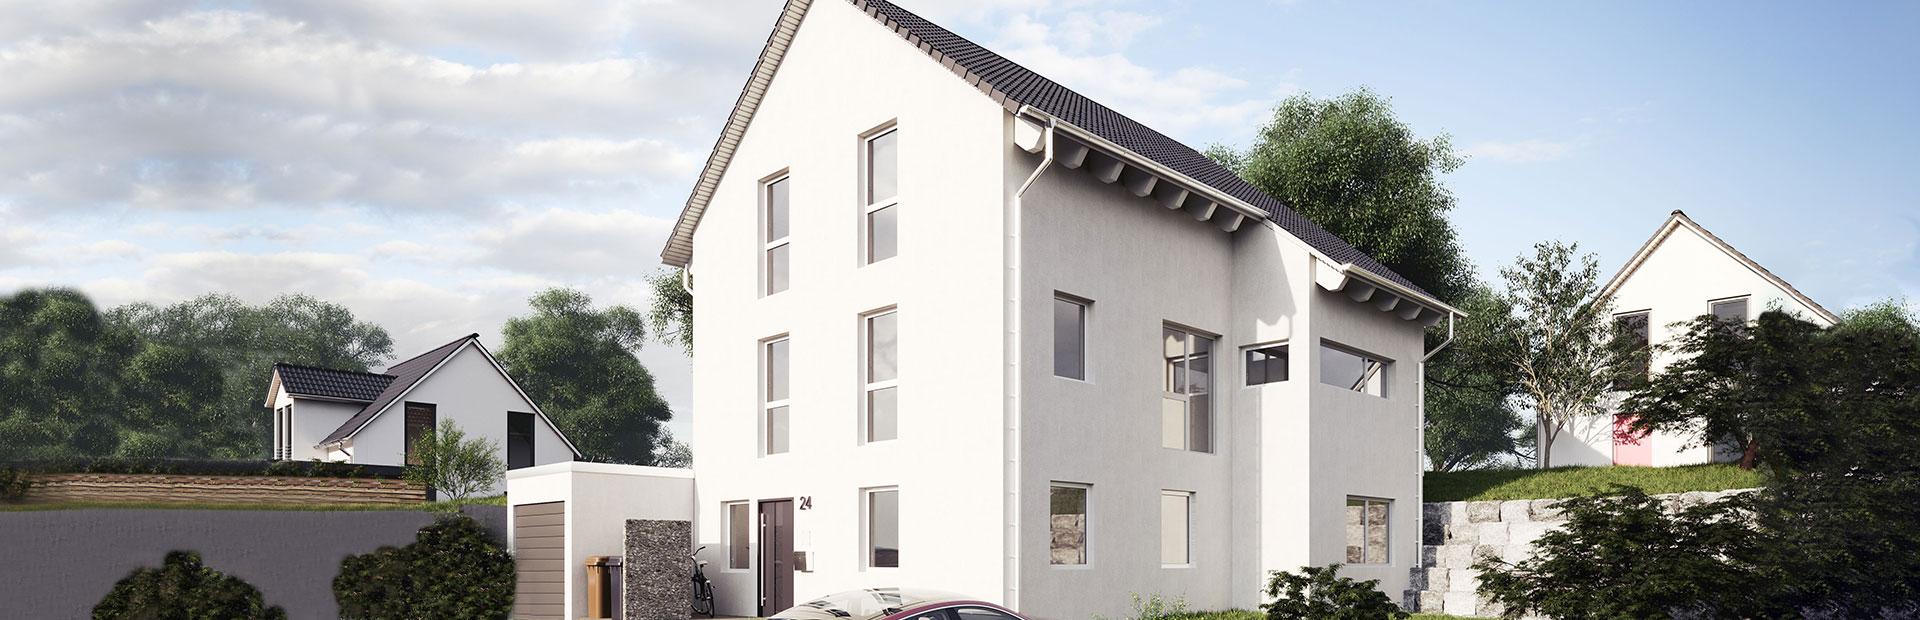 Einfamilienhaus mit Gewerbefläche bauen